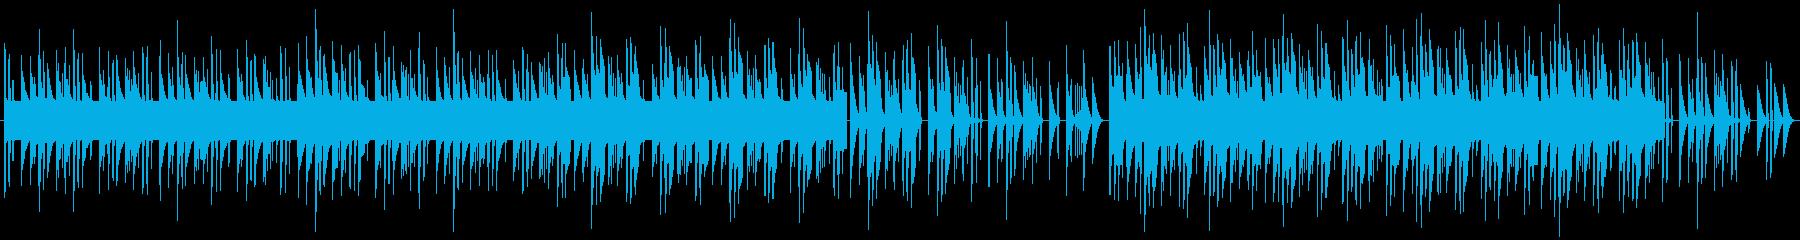 ファミコンゲーム風ピコピコBGMの再生済みの波形